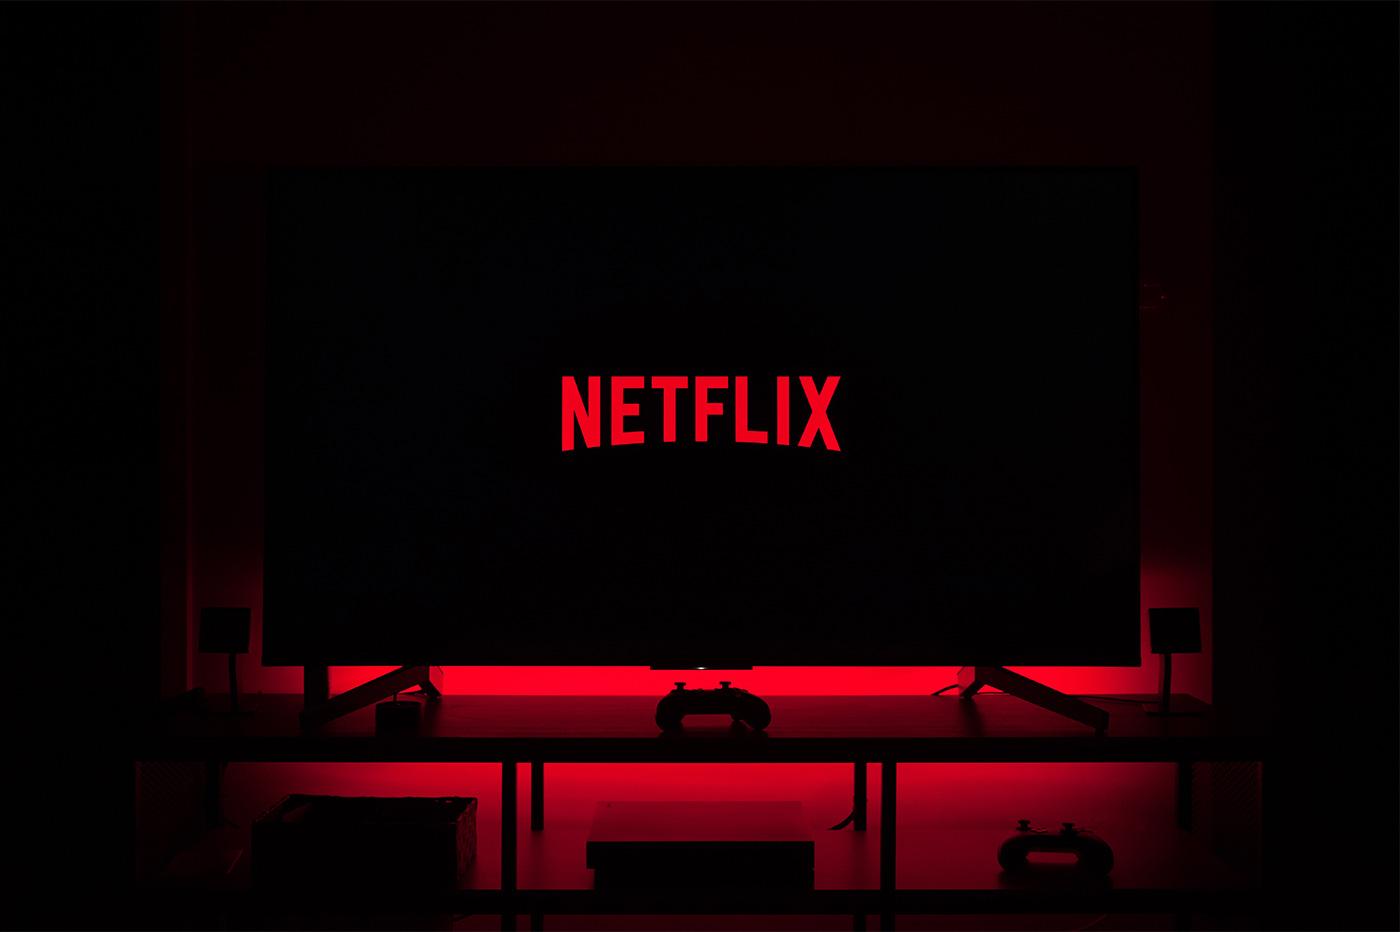 séries Netflix 2019